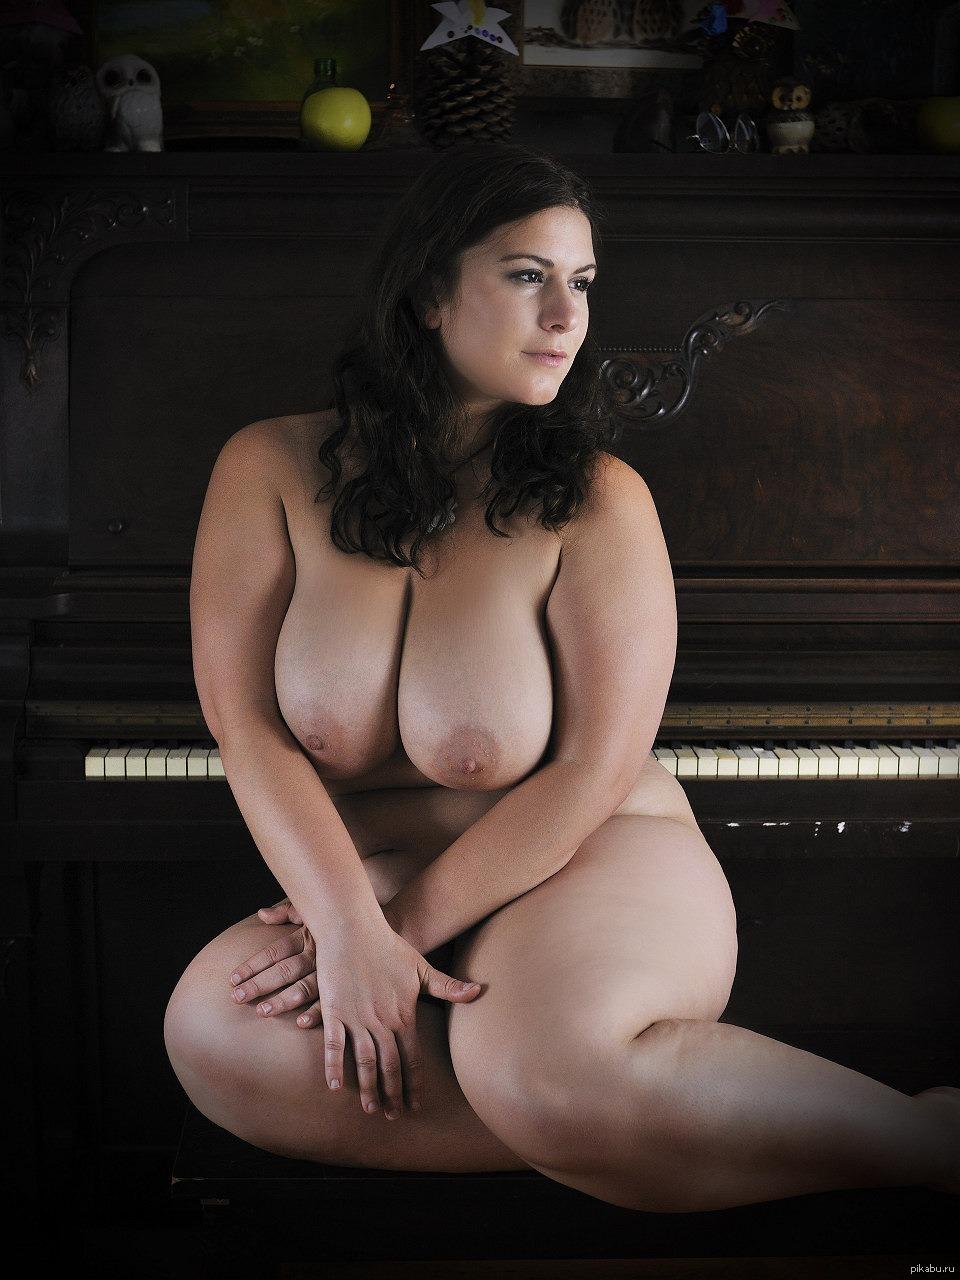 Plus size boobs